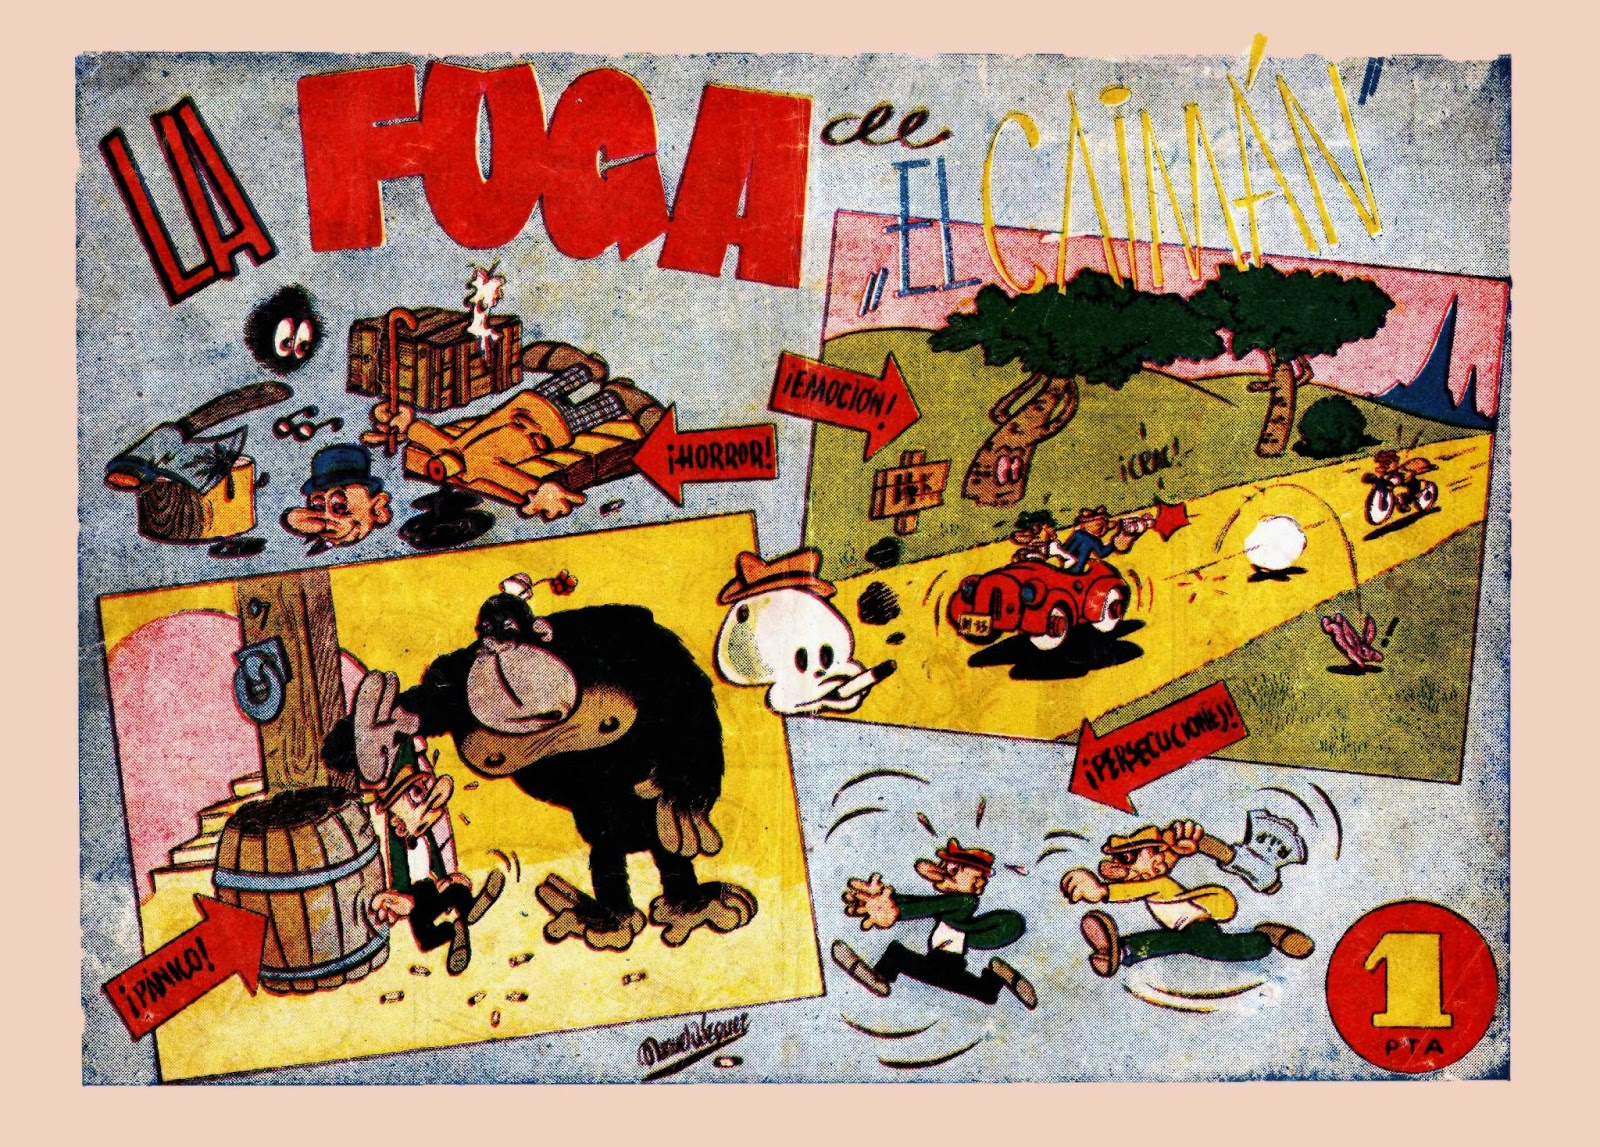 La fuga de el Caimán, 1947, Ibero Americana